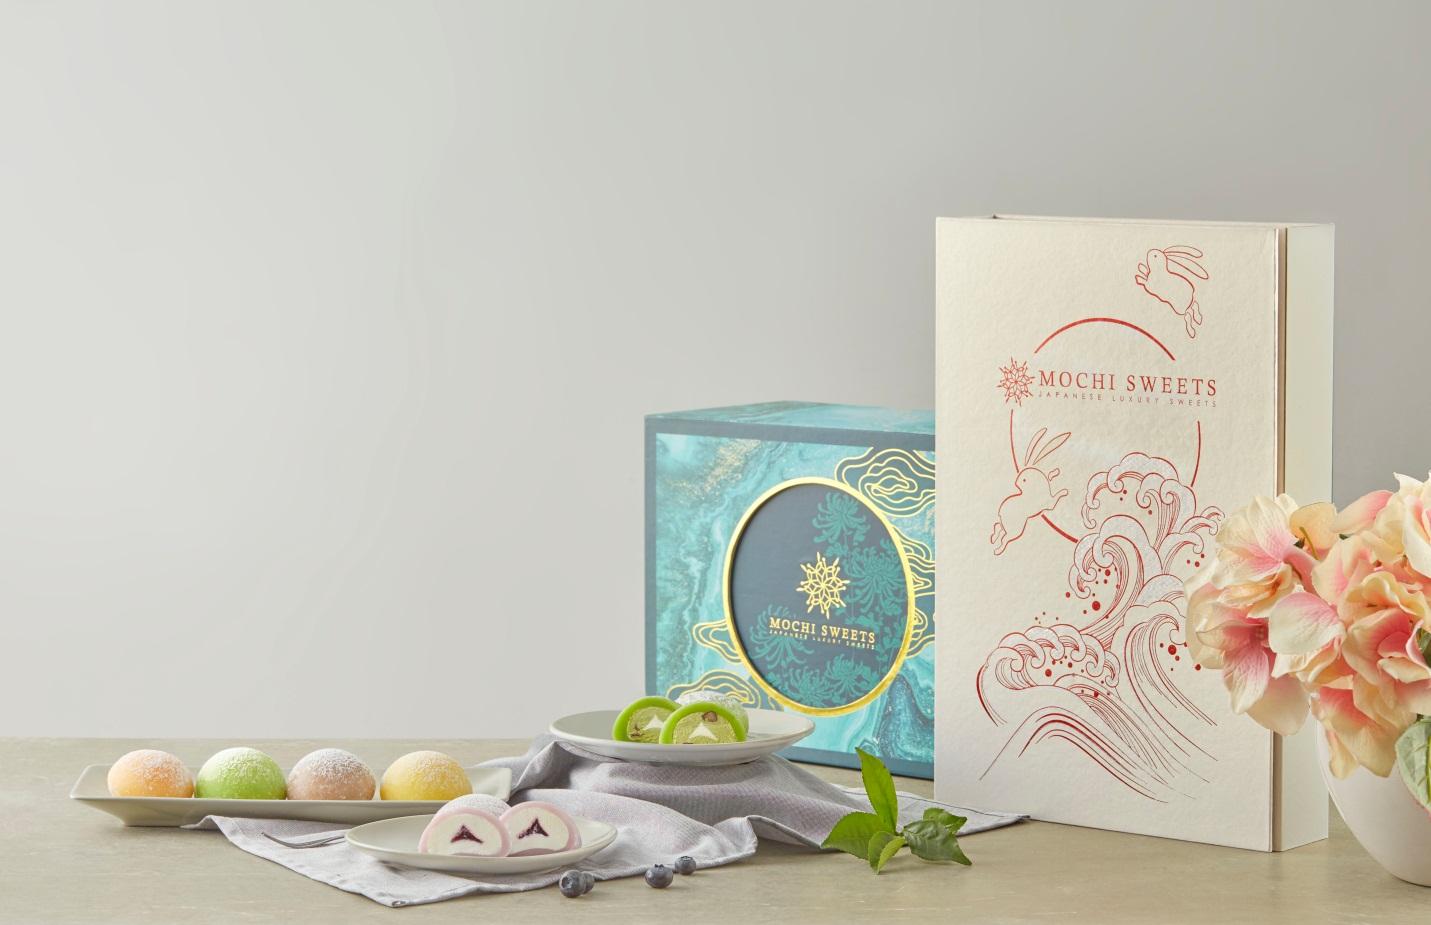 Hộp quà tặng Trung thu Mochi Sweets - Nét cổ truyền trong lòng hiện đại - Ảnh 1.